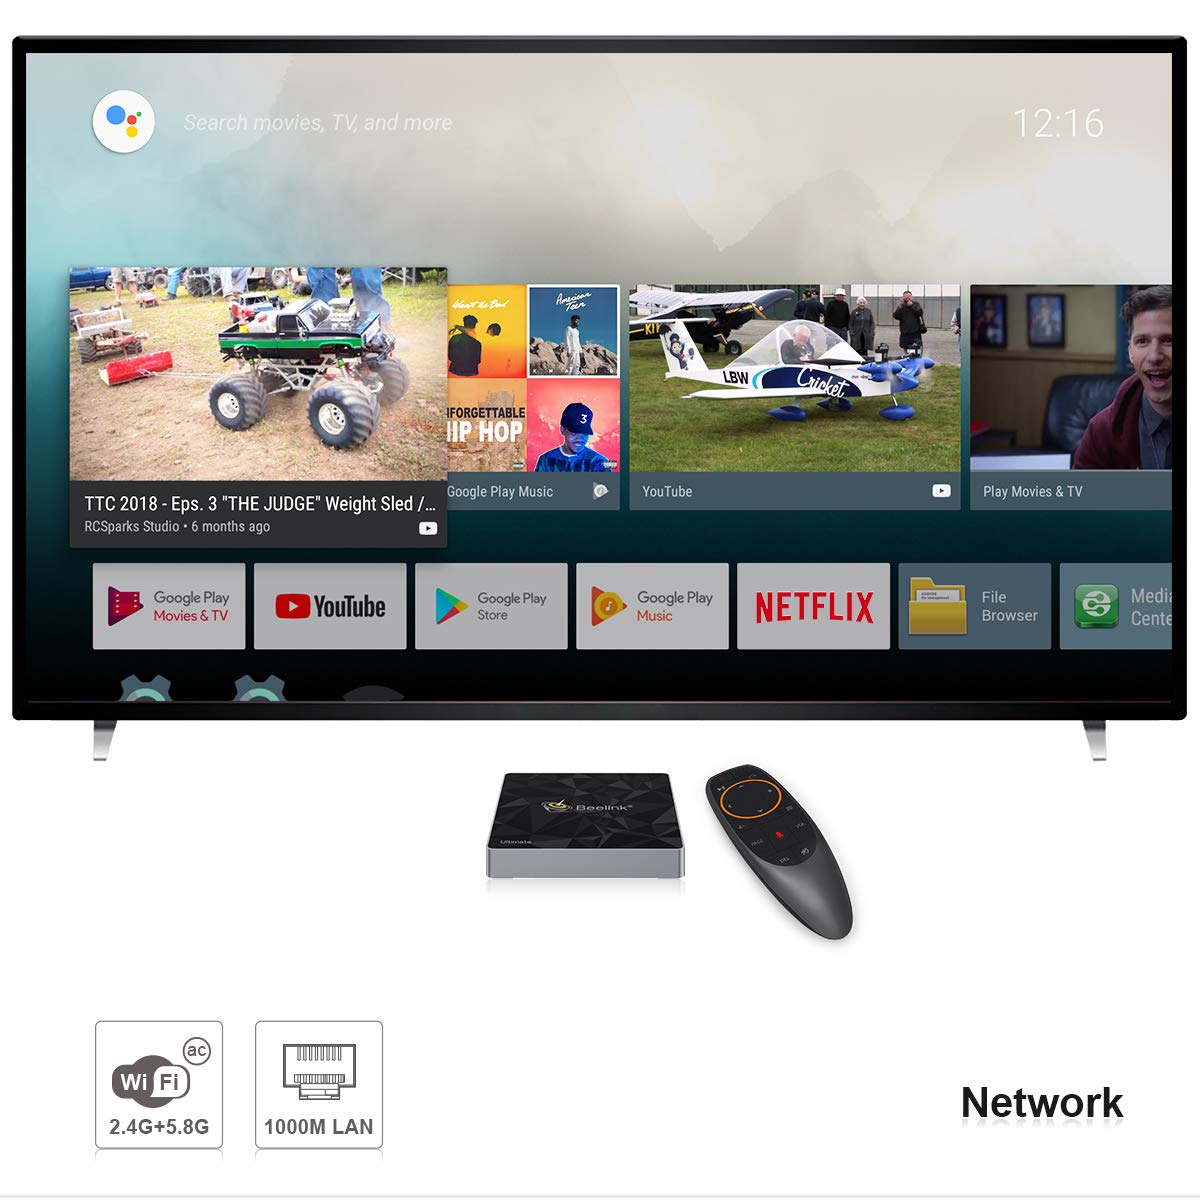 Mini Android,Beelink GT1-A TV Box,Netflix Soutien,Google Certifi/ée,Android 7.1,RAM 3Go+ROM 32Go,Processeur Amlogic S-912 Octa Core Arm Cortex-A53,WiFi 2.4G//5.8G 1000Mbps,3D,4K,H.265,OTG,Couleur Noire